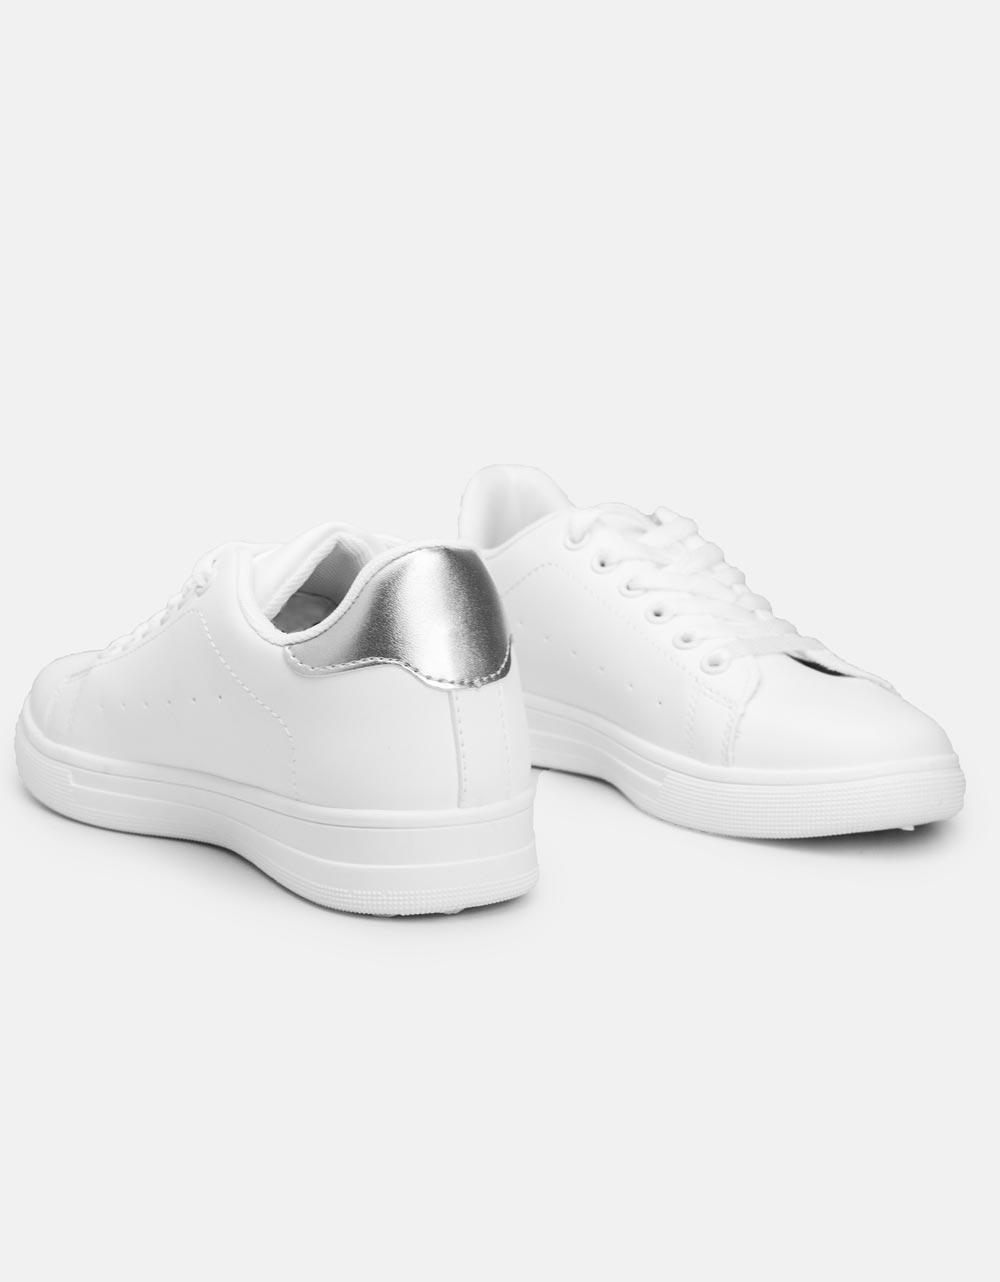 Εικόνα από Γυναικεία sneakers basic με διχρωμία Λευκό/Ασημί